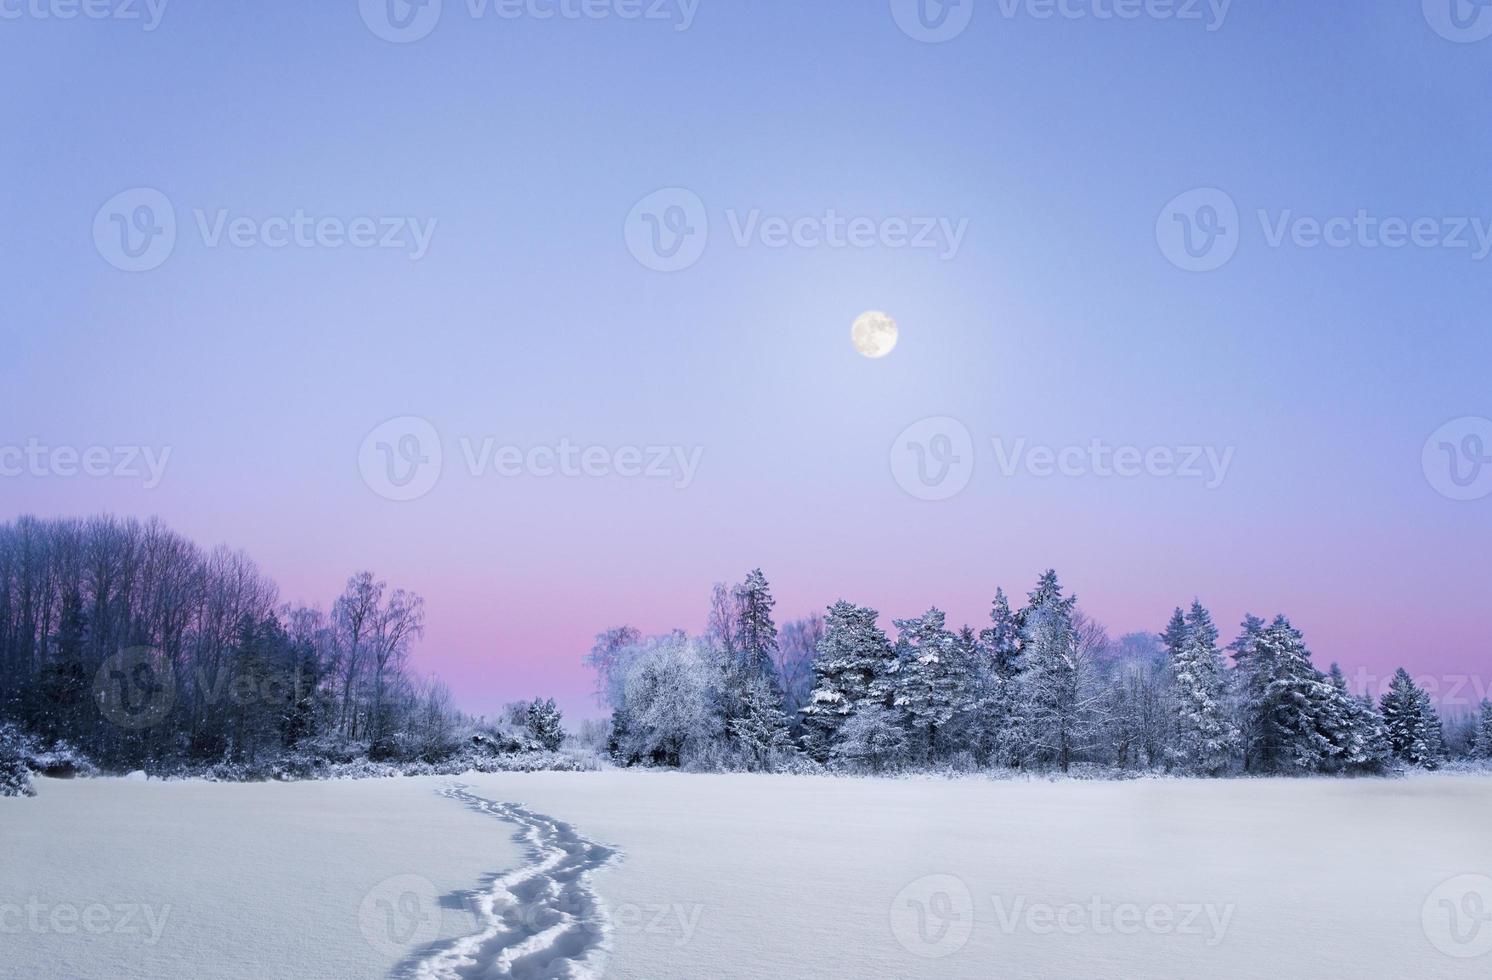 paisaje de invierno de noche con luna llena foto